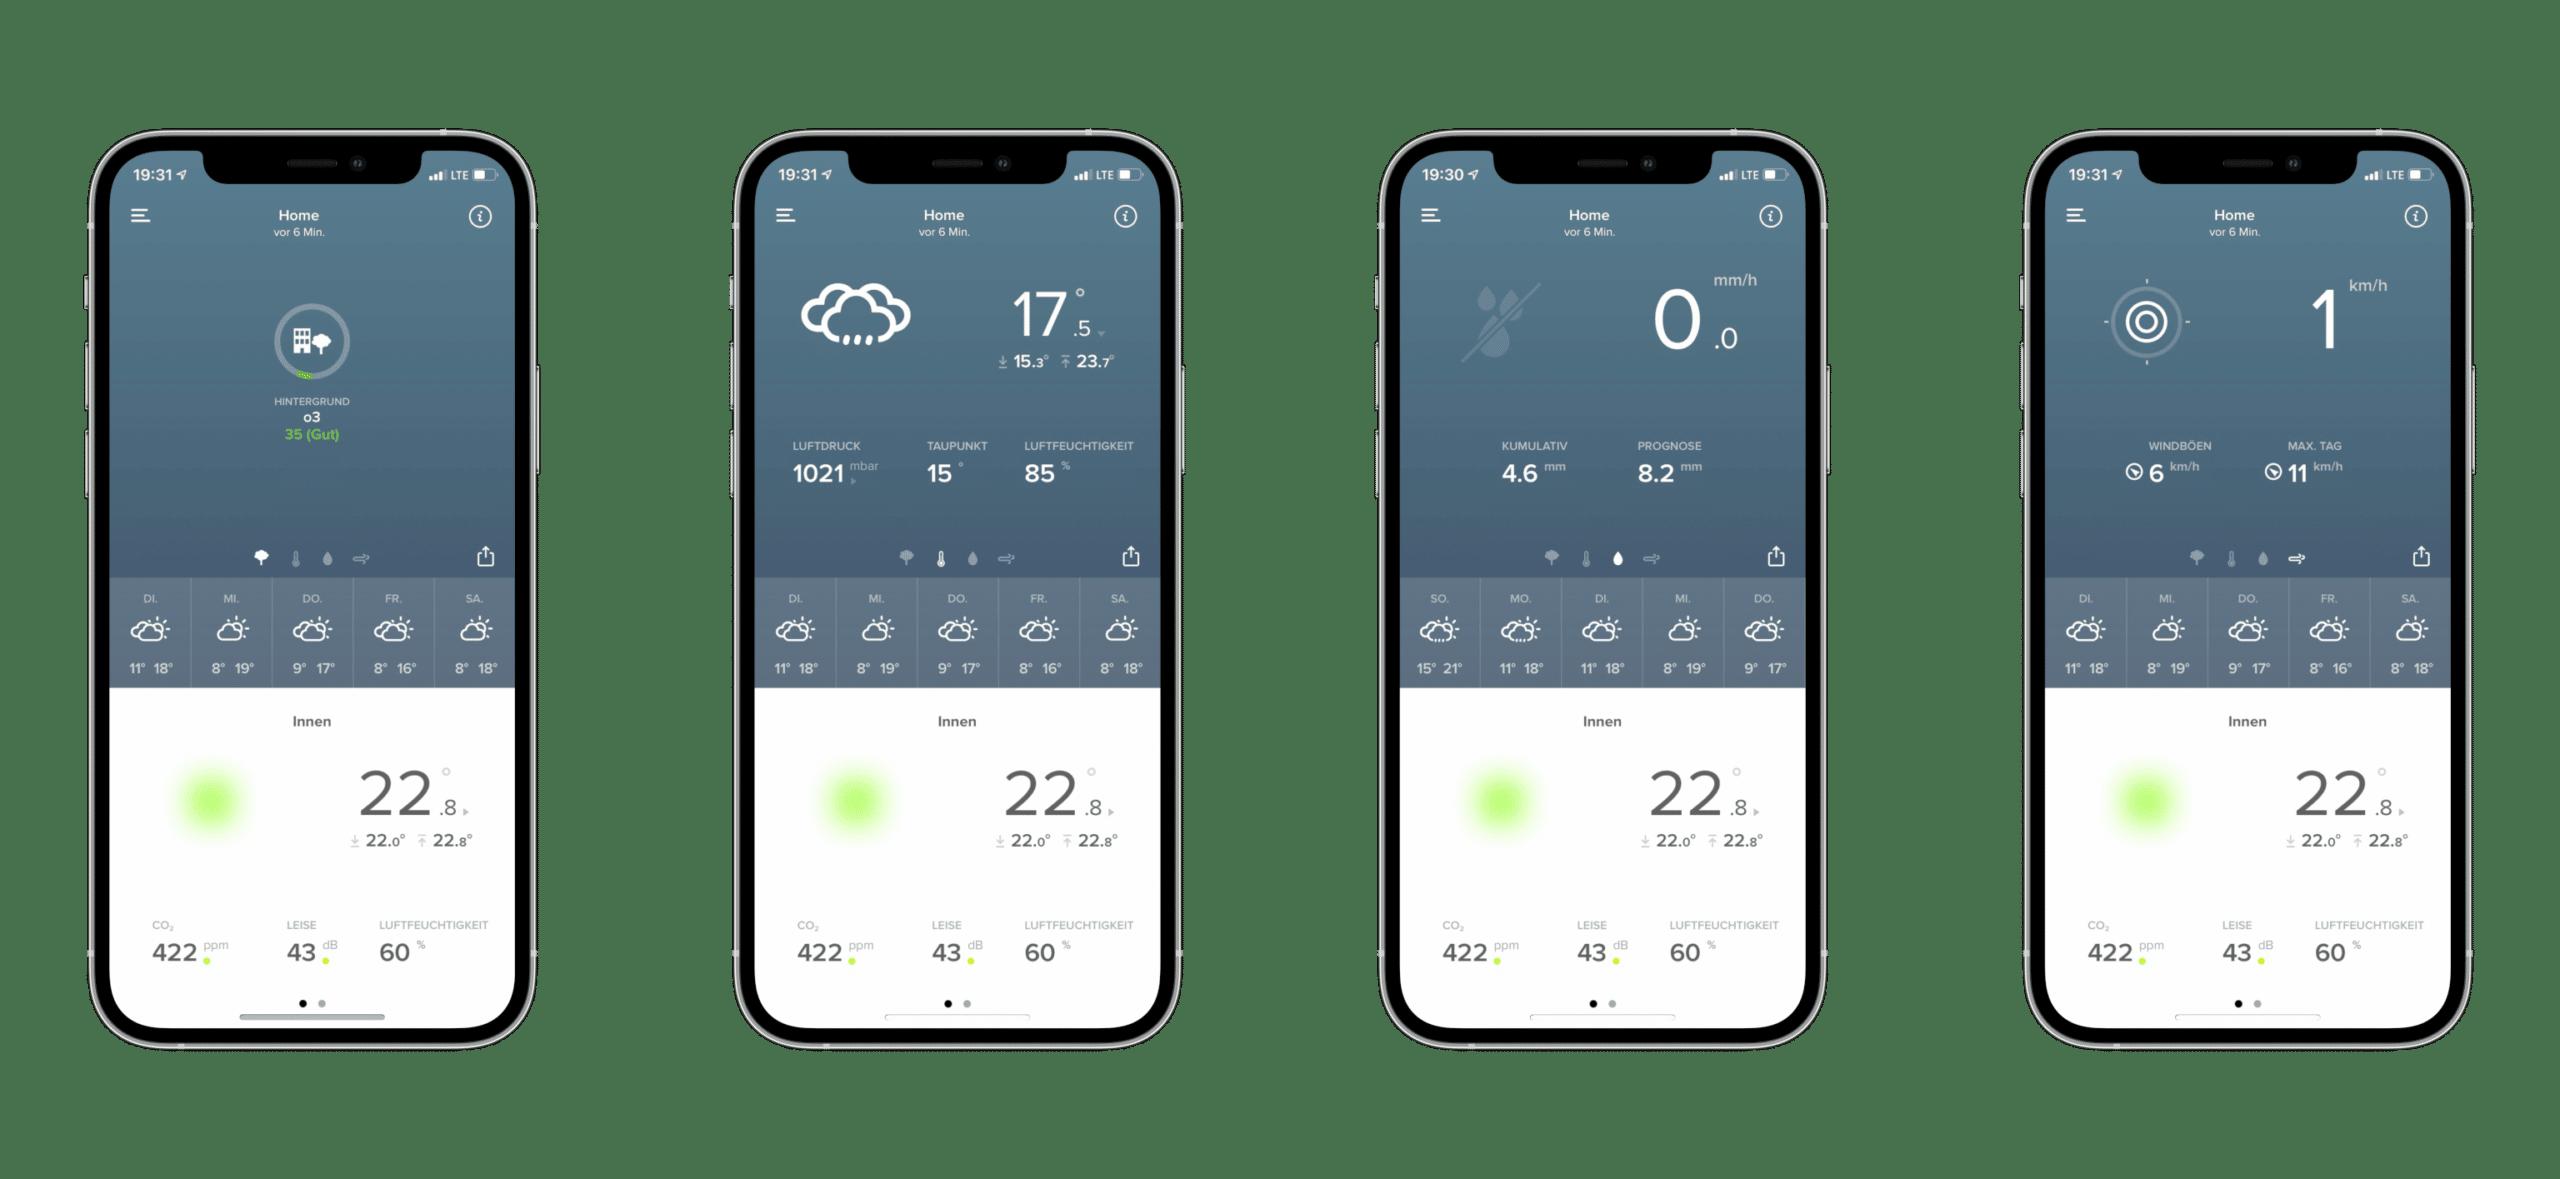 Die Netatmo-App zeigt eine ganze Menge Informationen an.